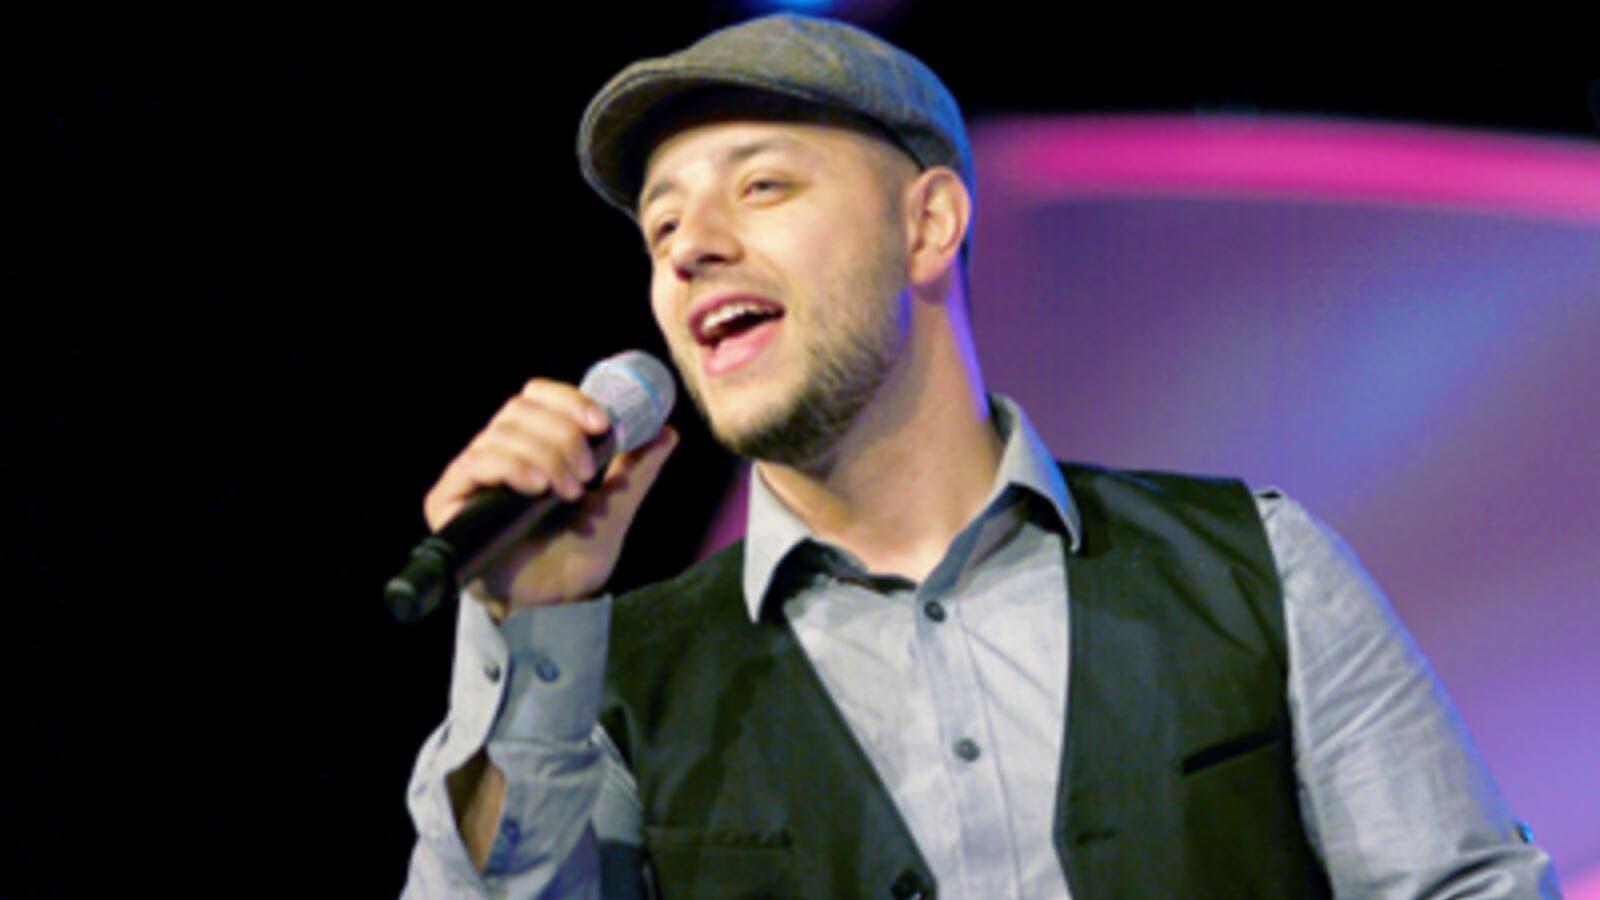 Making Muslim Music for charity: Maher Zain and Mesut Kurtis